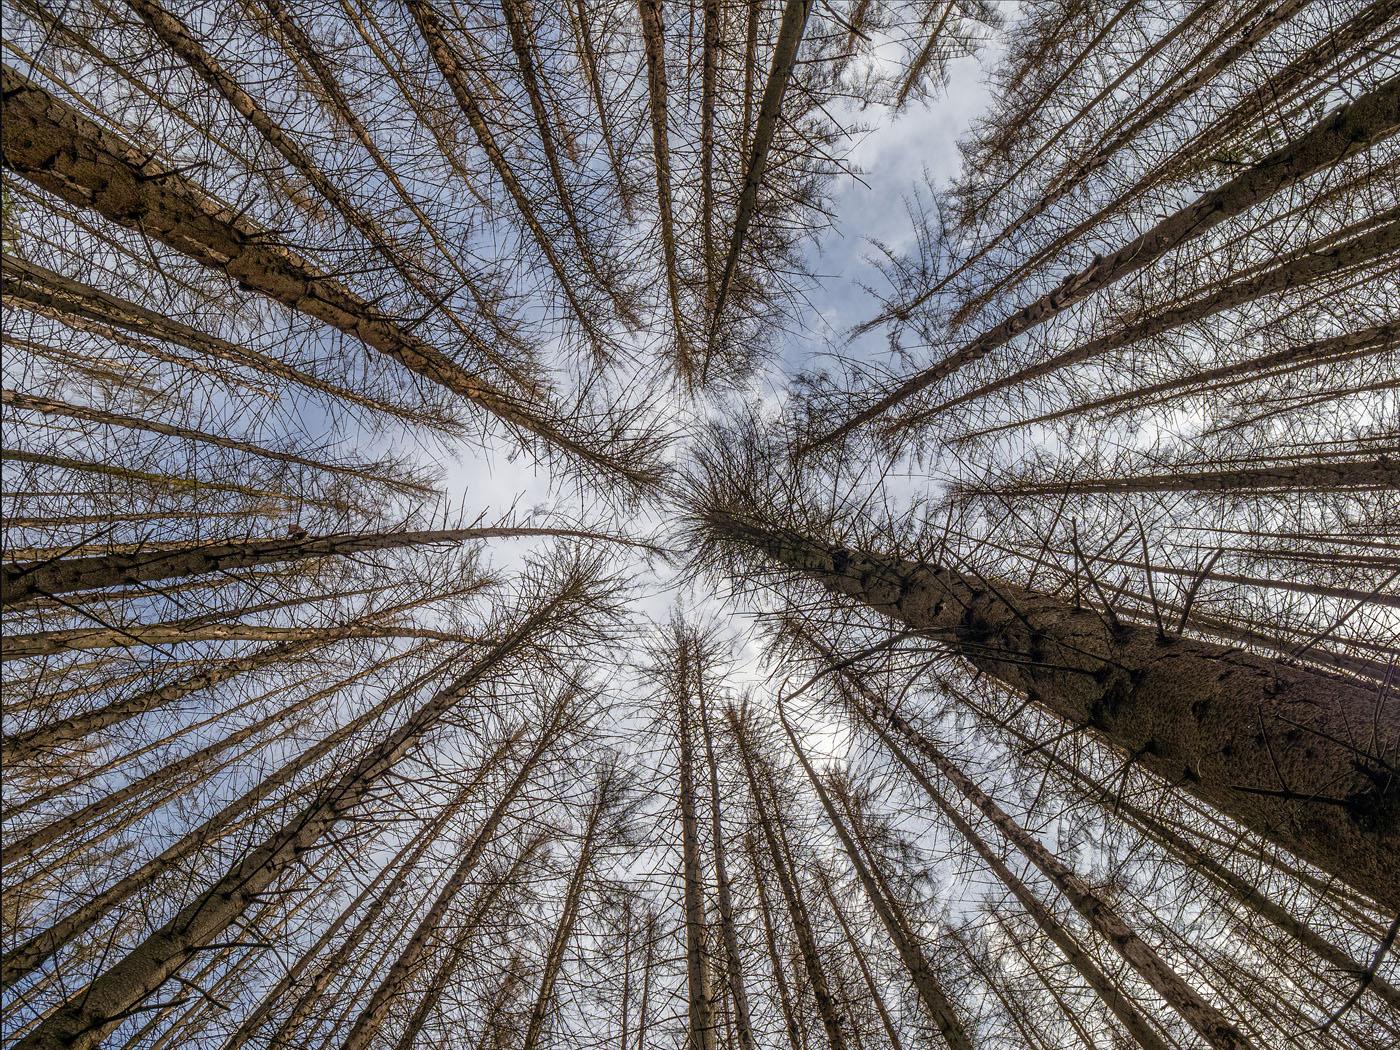 Es war einmal ein dunkler Tannenwald | © Michael Rettberg